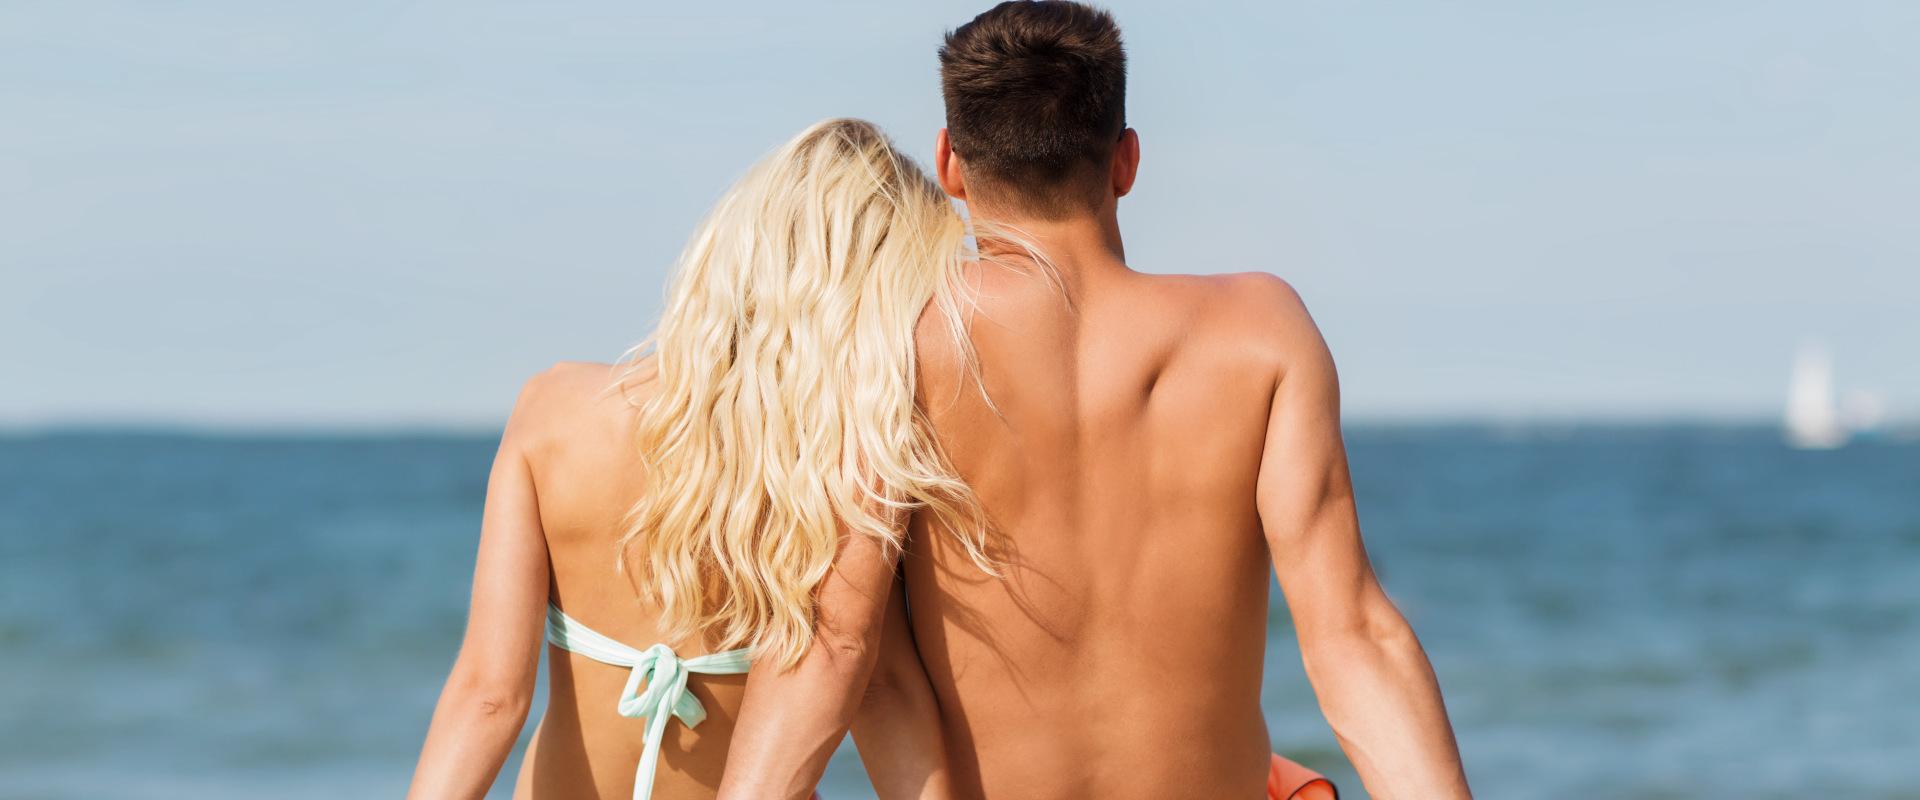 Vacanze a Bibione ideali per le coppie